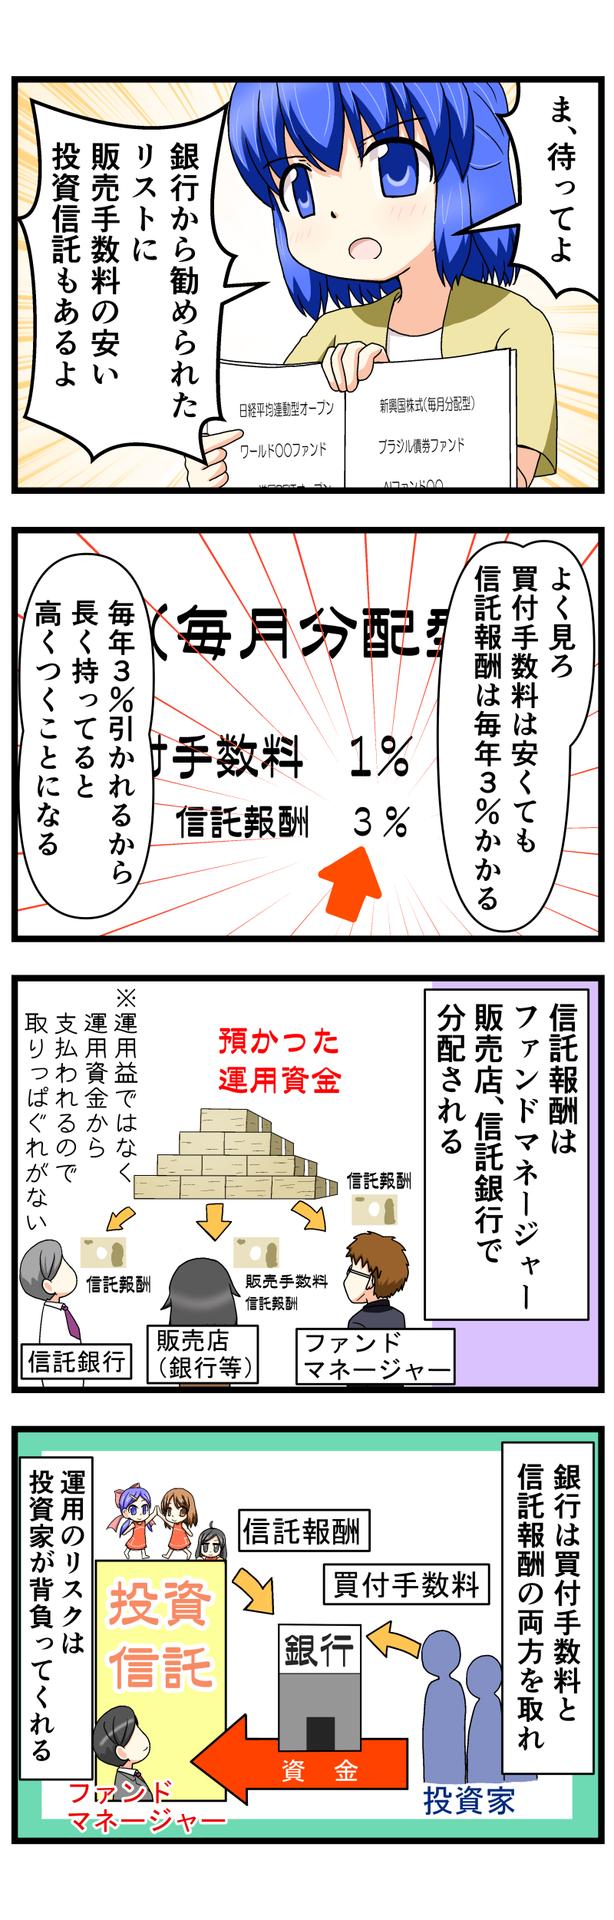 萌える株セミナー95.jpg